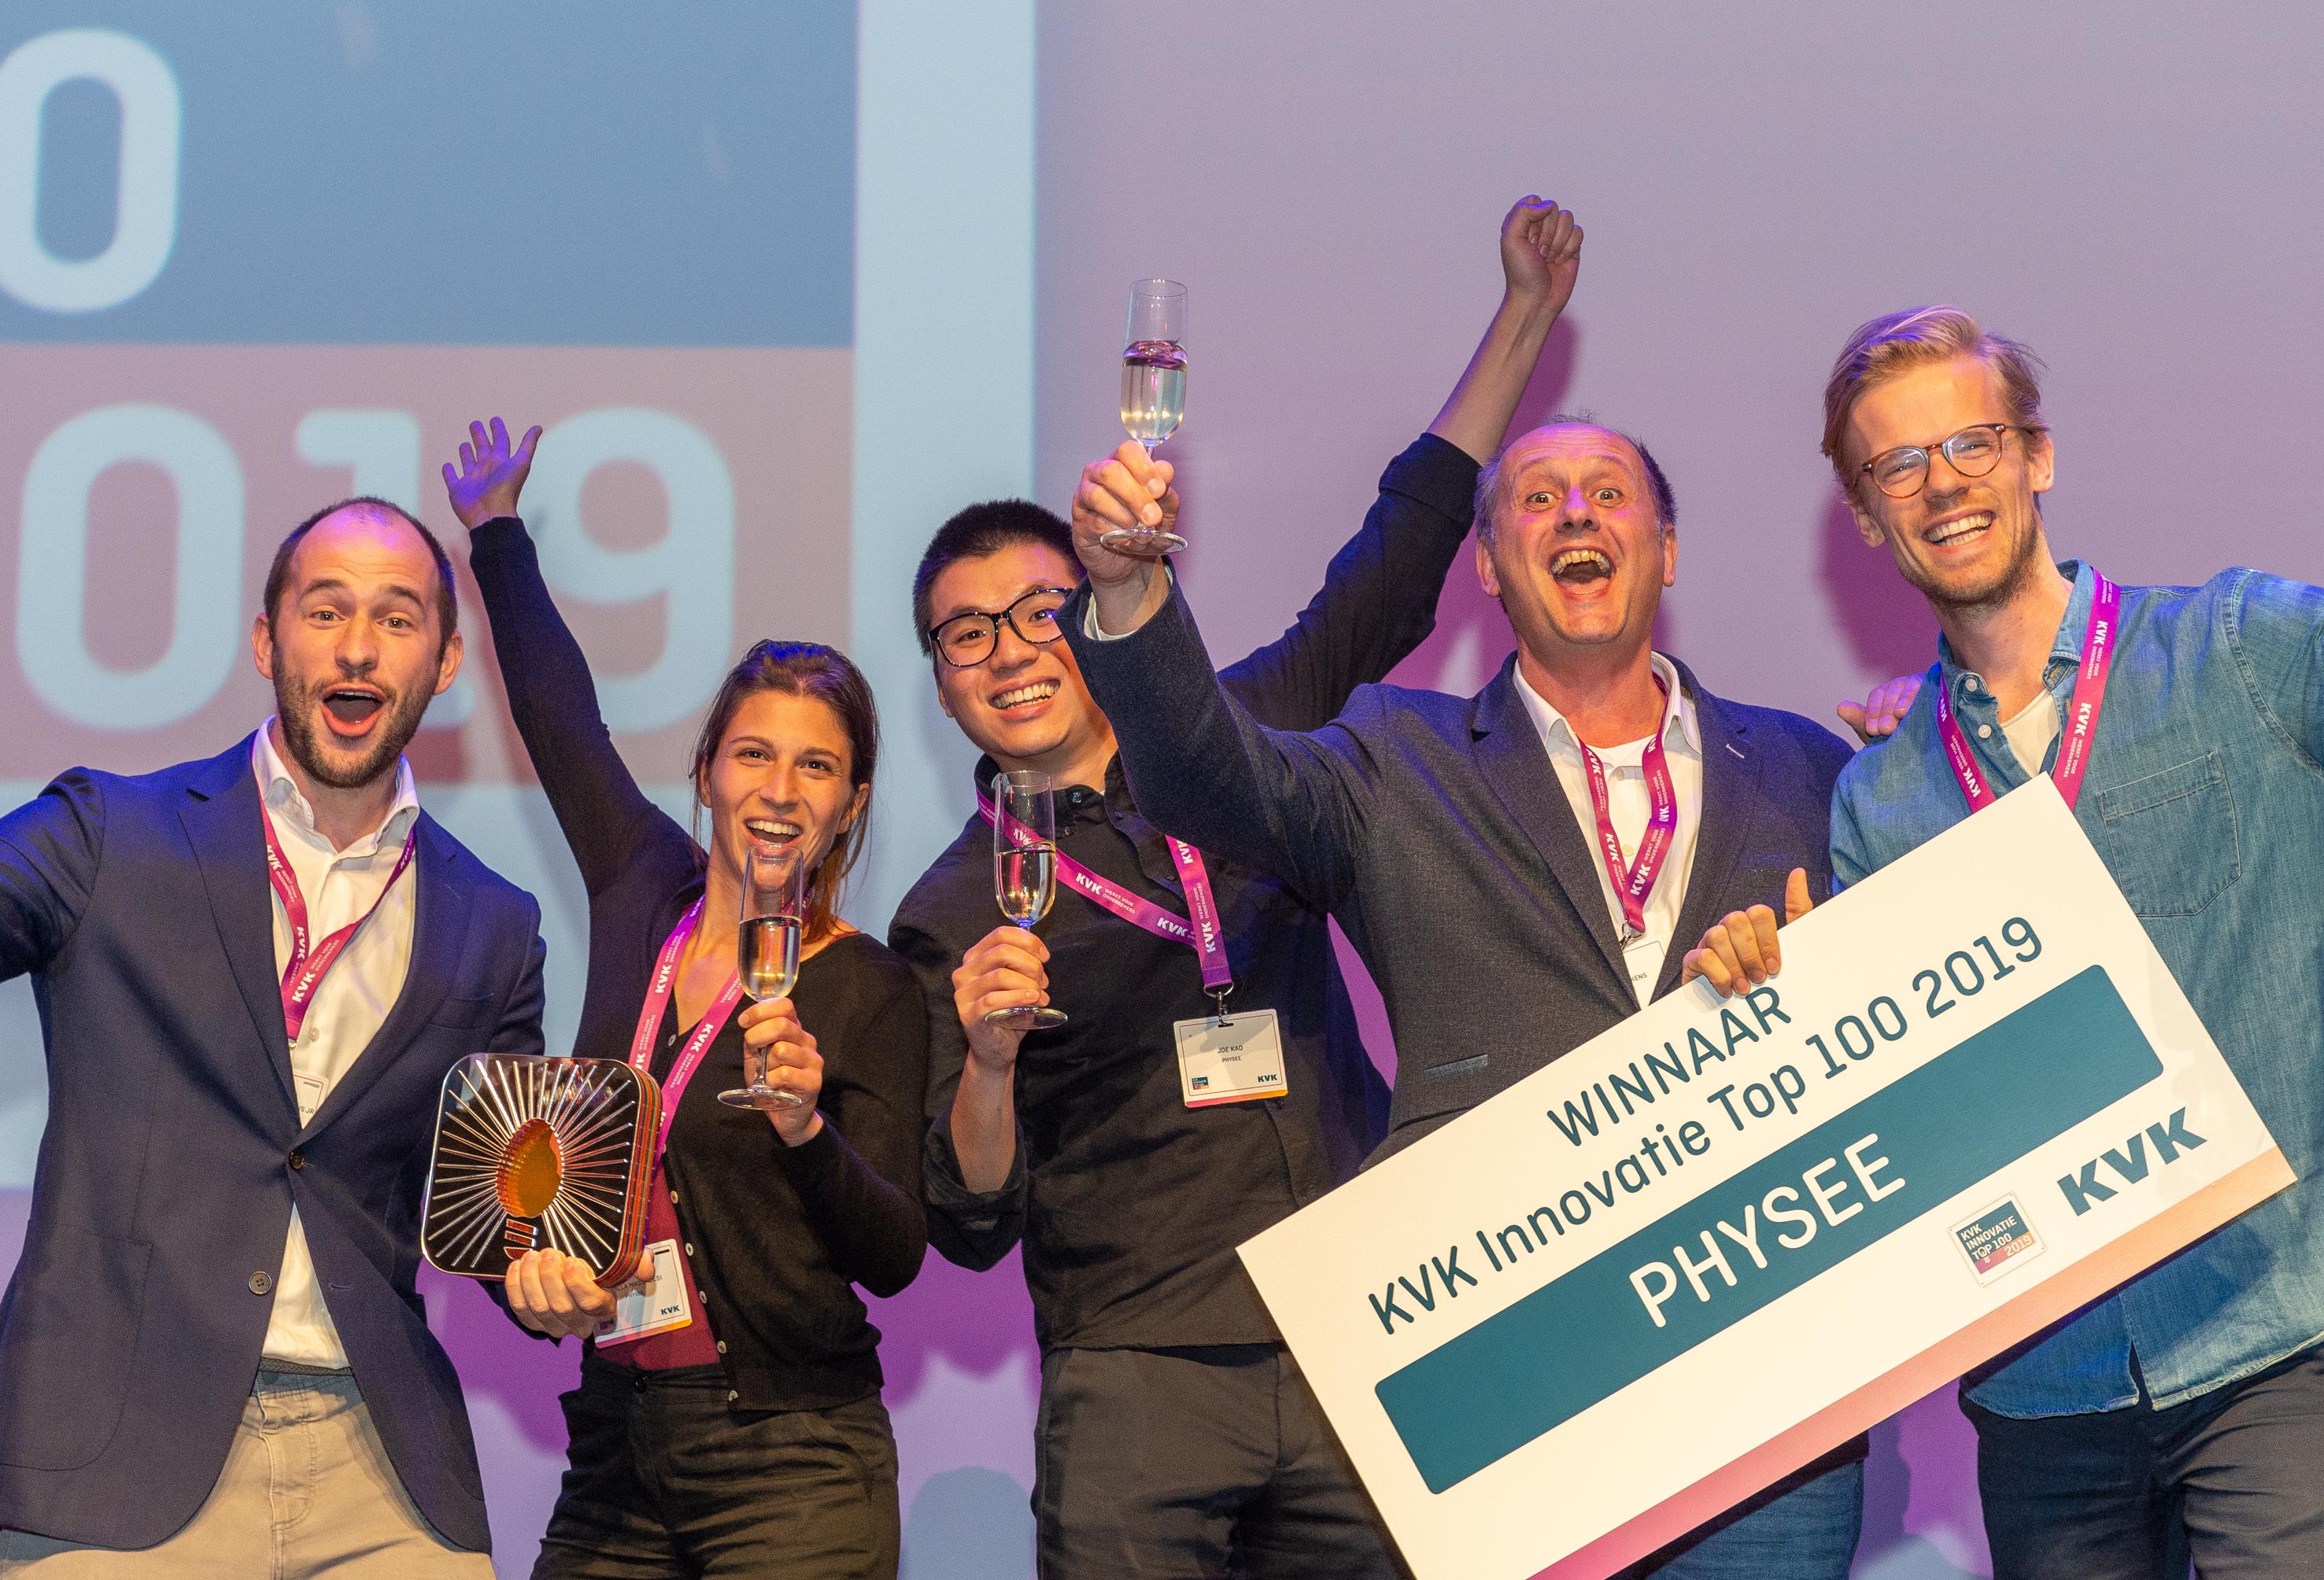 KVK innovatie top 100 PHYSEE